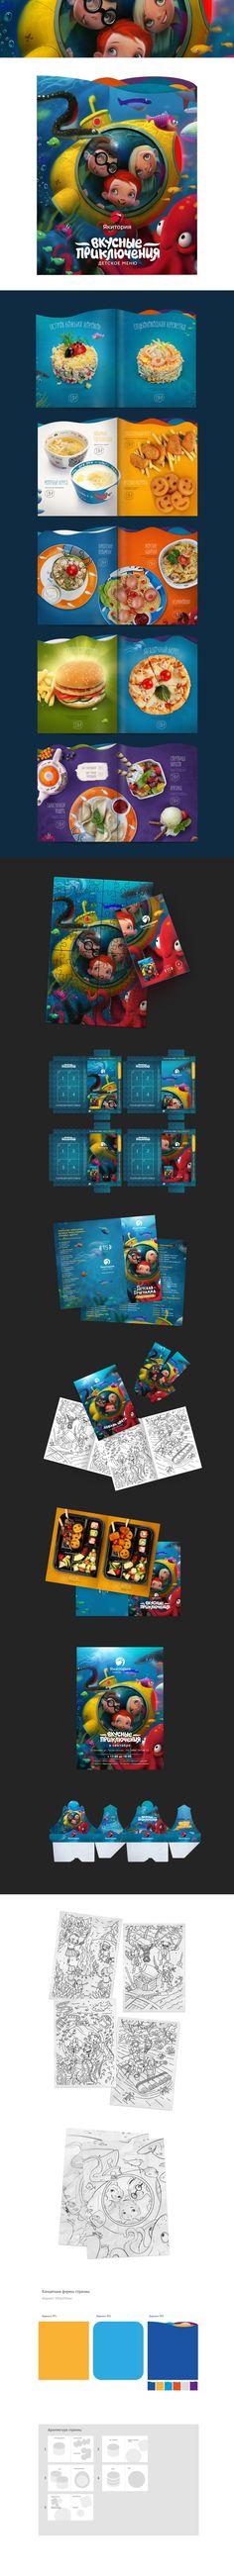 """Для этой задачи мы разработали четыре концепции, связанные с приключениями маленьких героев. Клиентом была выбрана концепция """"исследователей морских глубин"""". После разработки скетчей, мы совместно с иллюстратором Максом Костенко сделали иллюстрацию, котор…"""